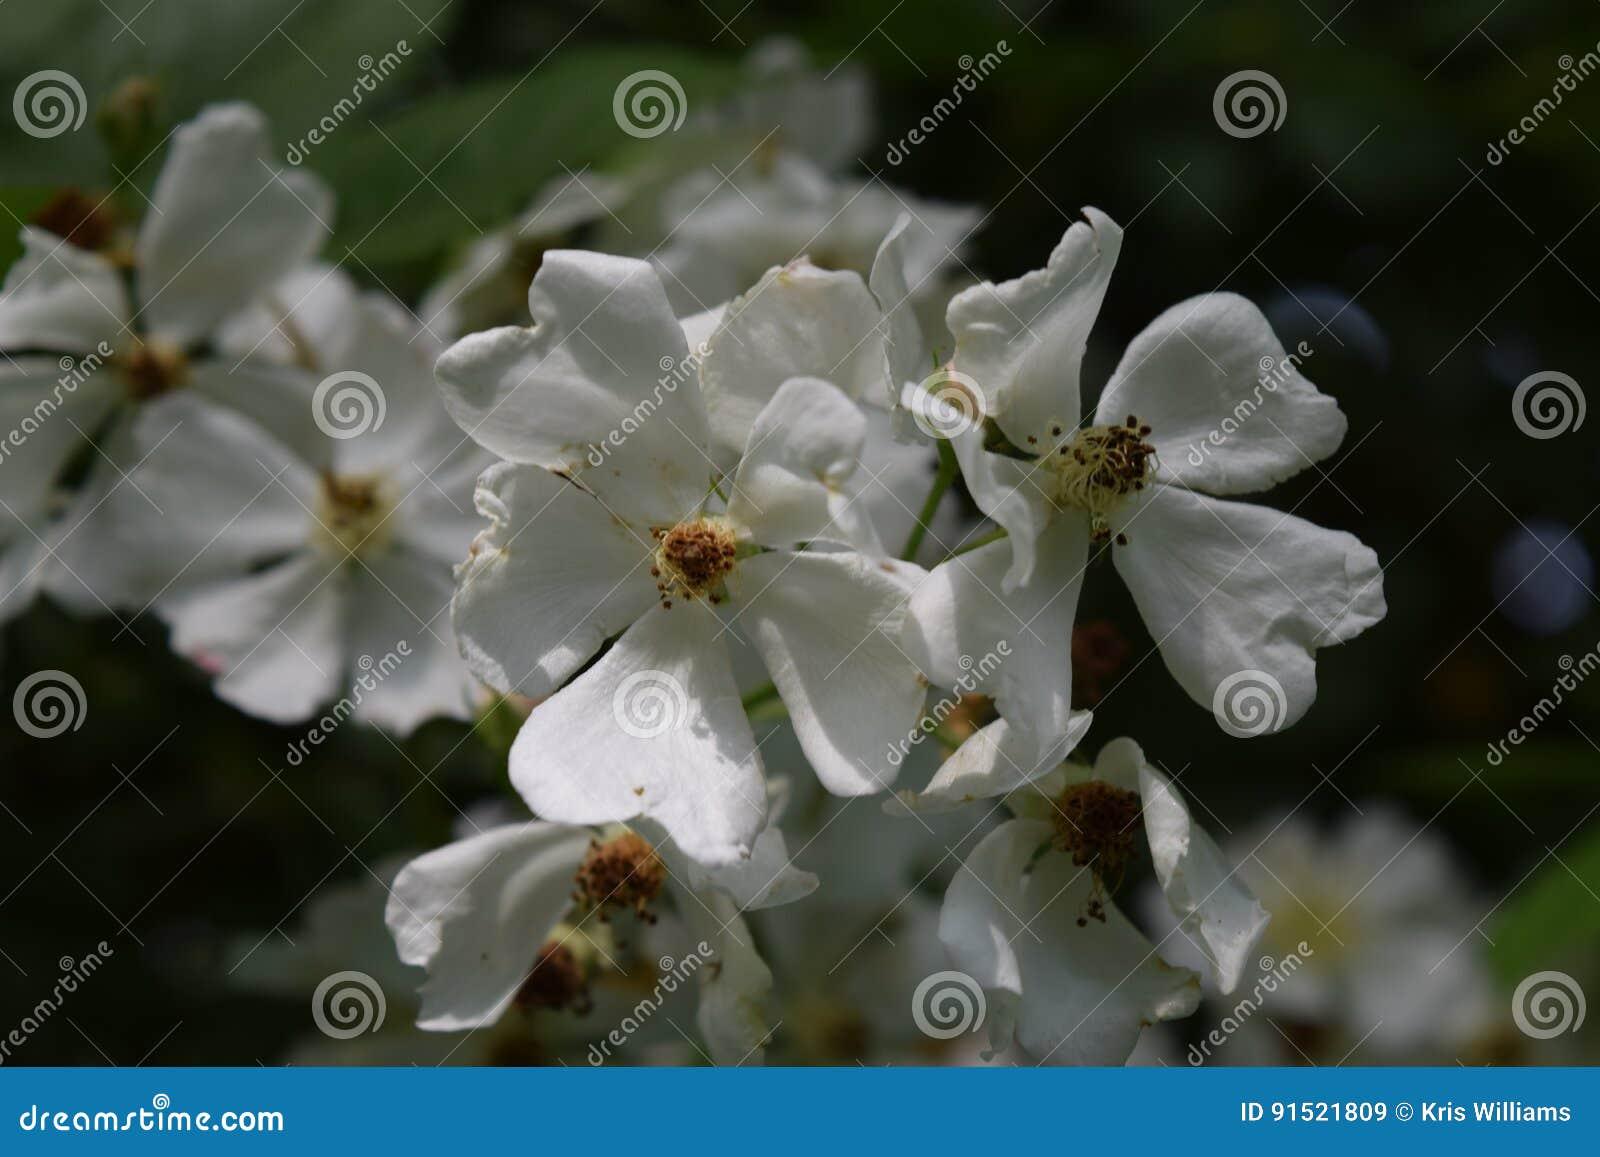 Wild white rambling roses in garden